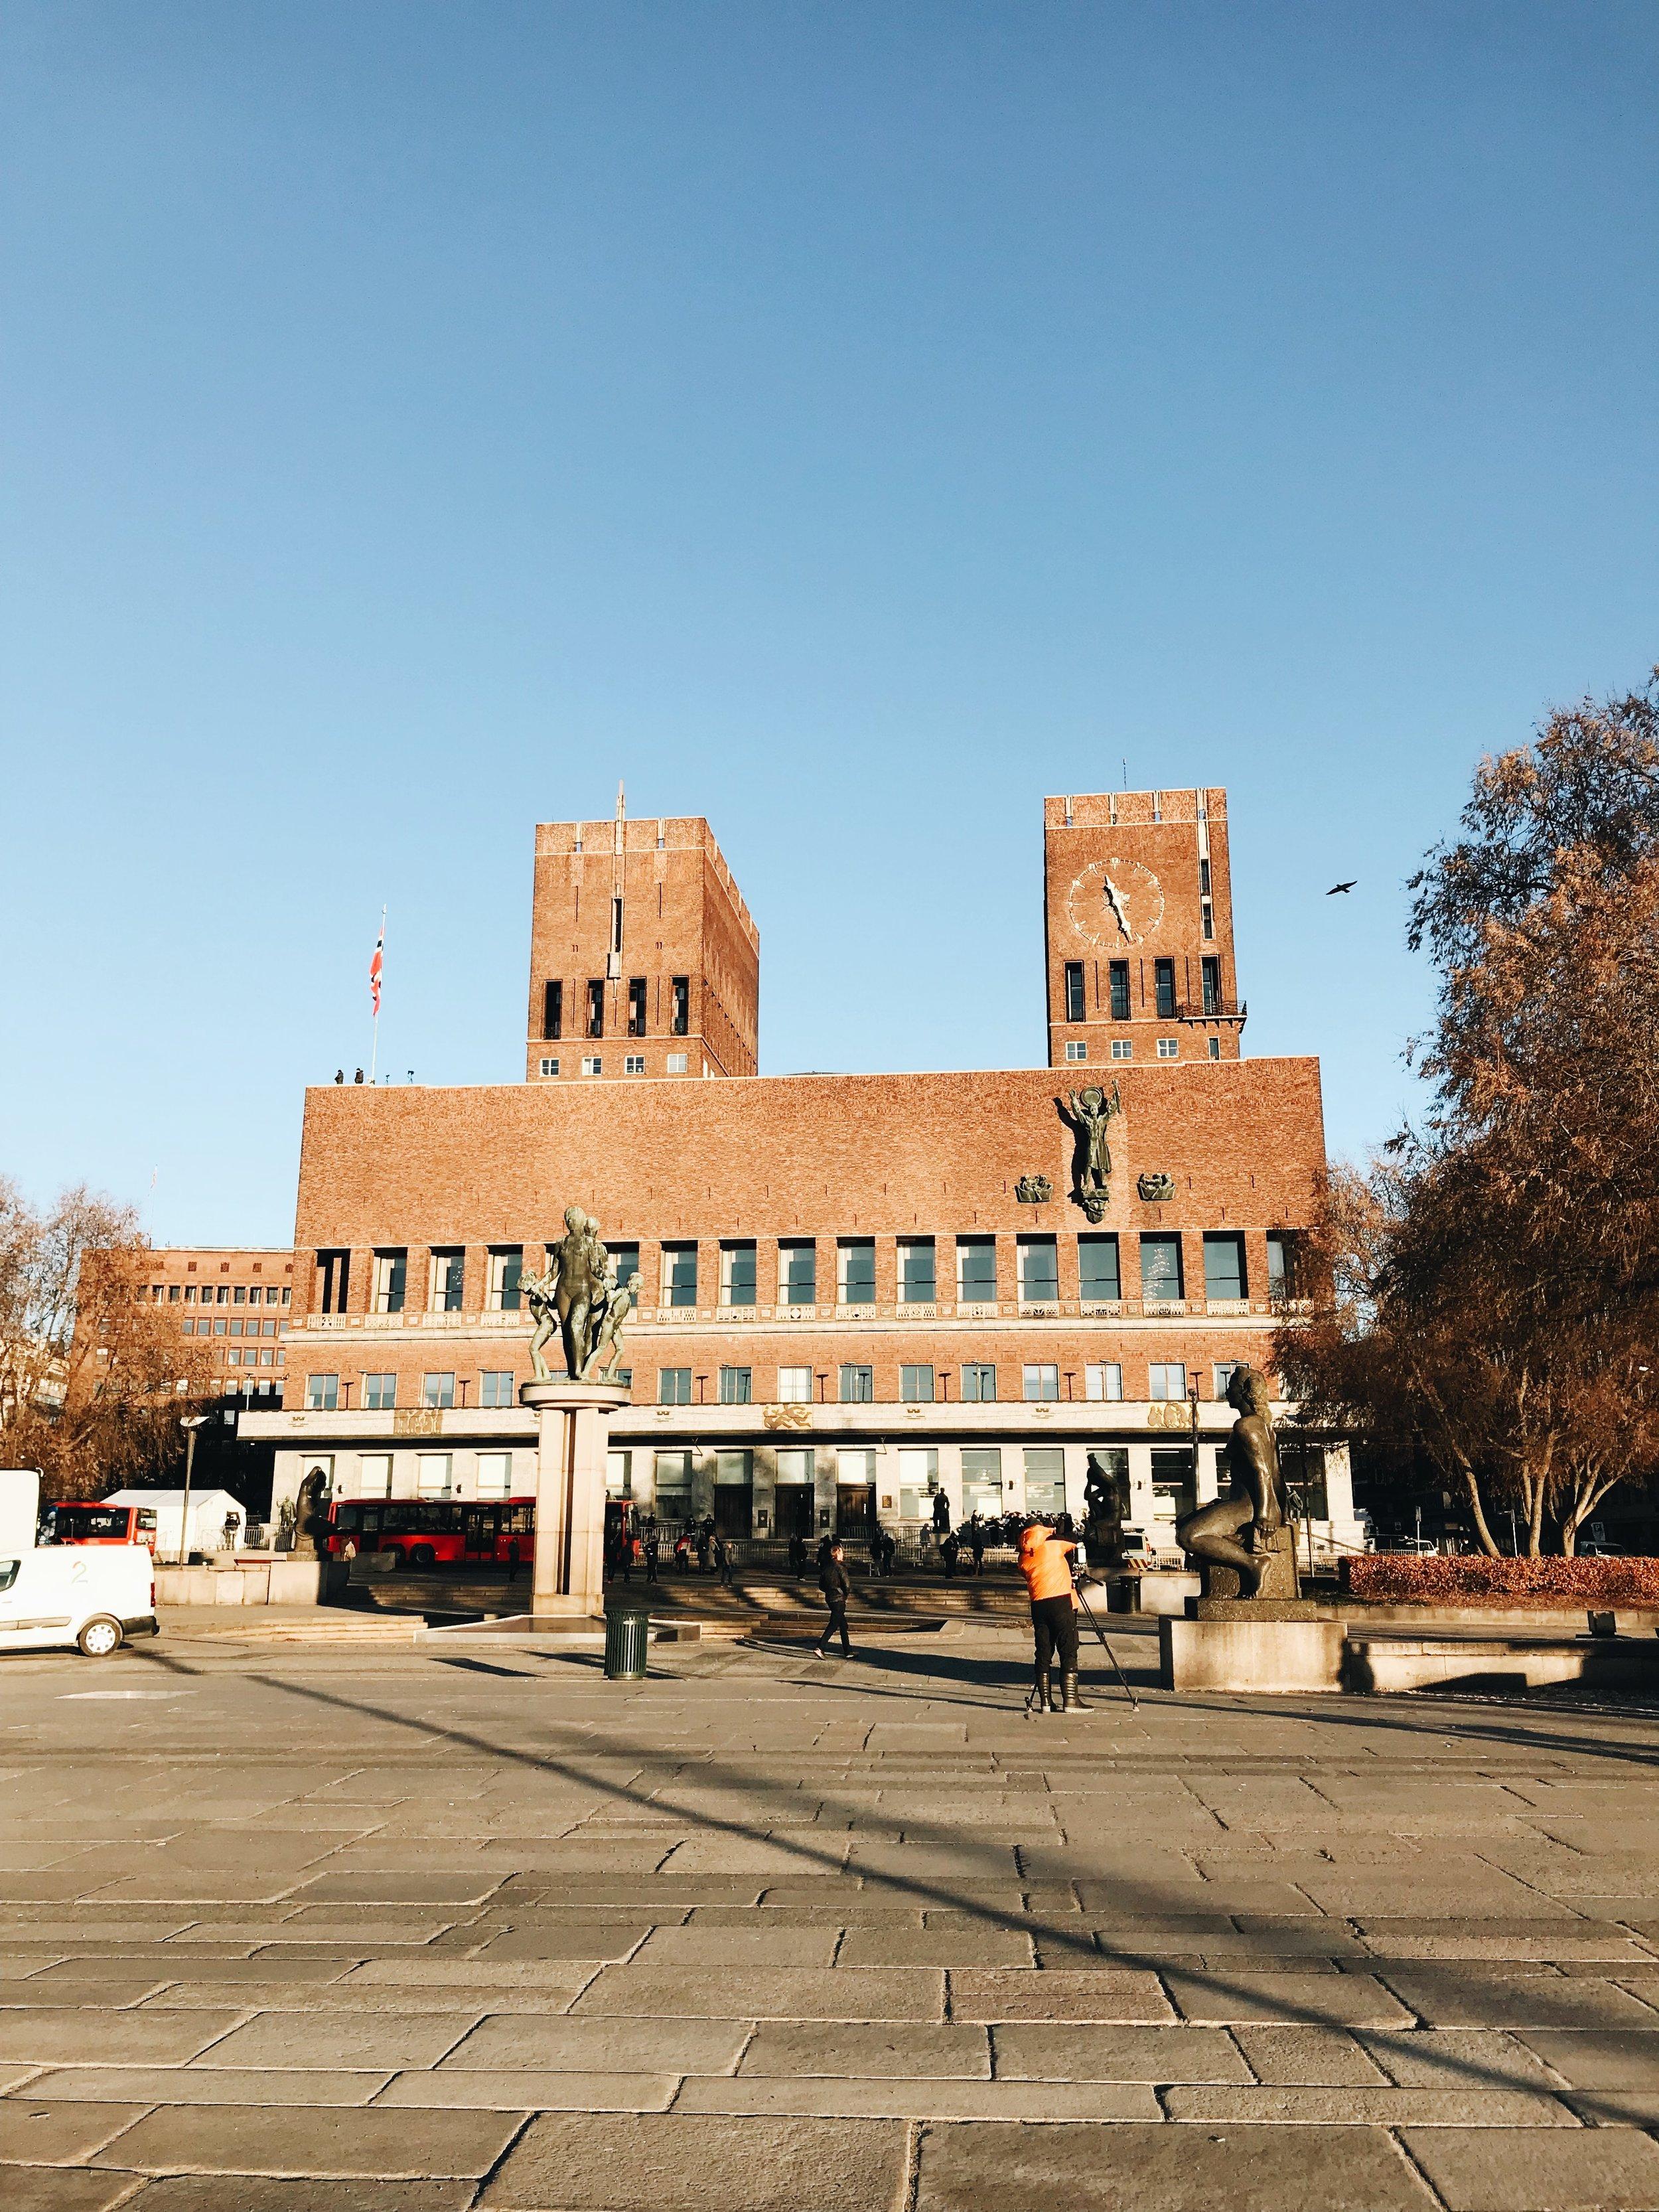 Im Osloer Rathaus wird der Friedensnobelpreis verliehen